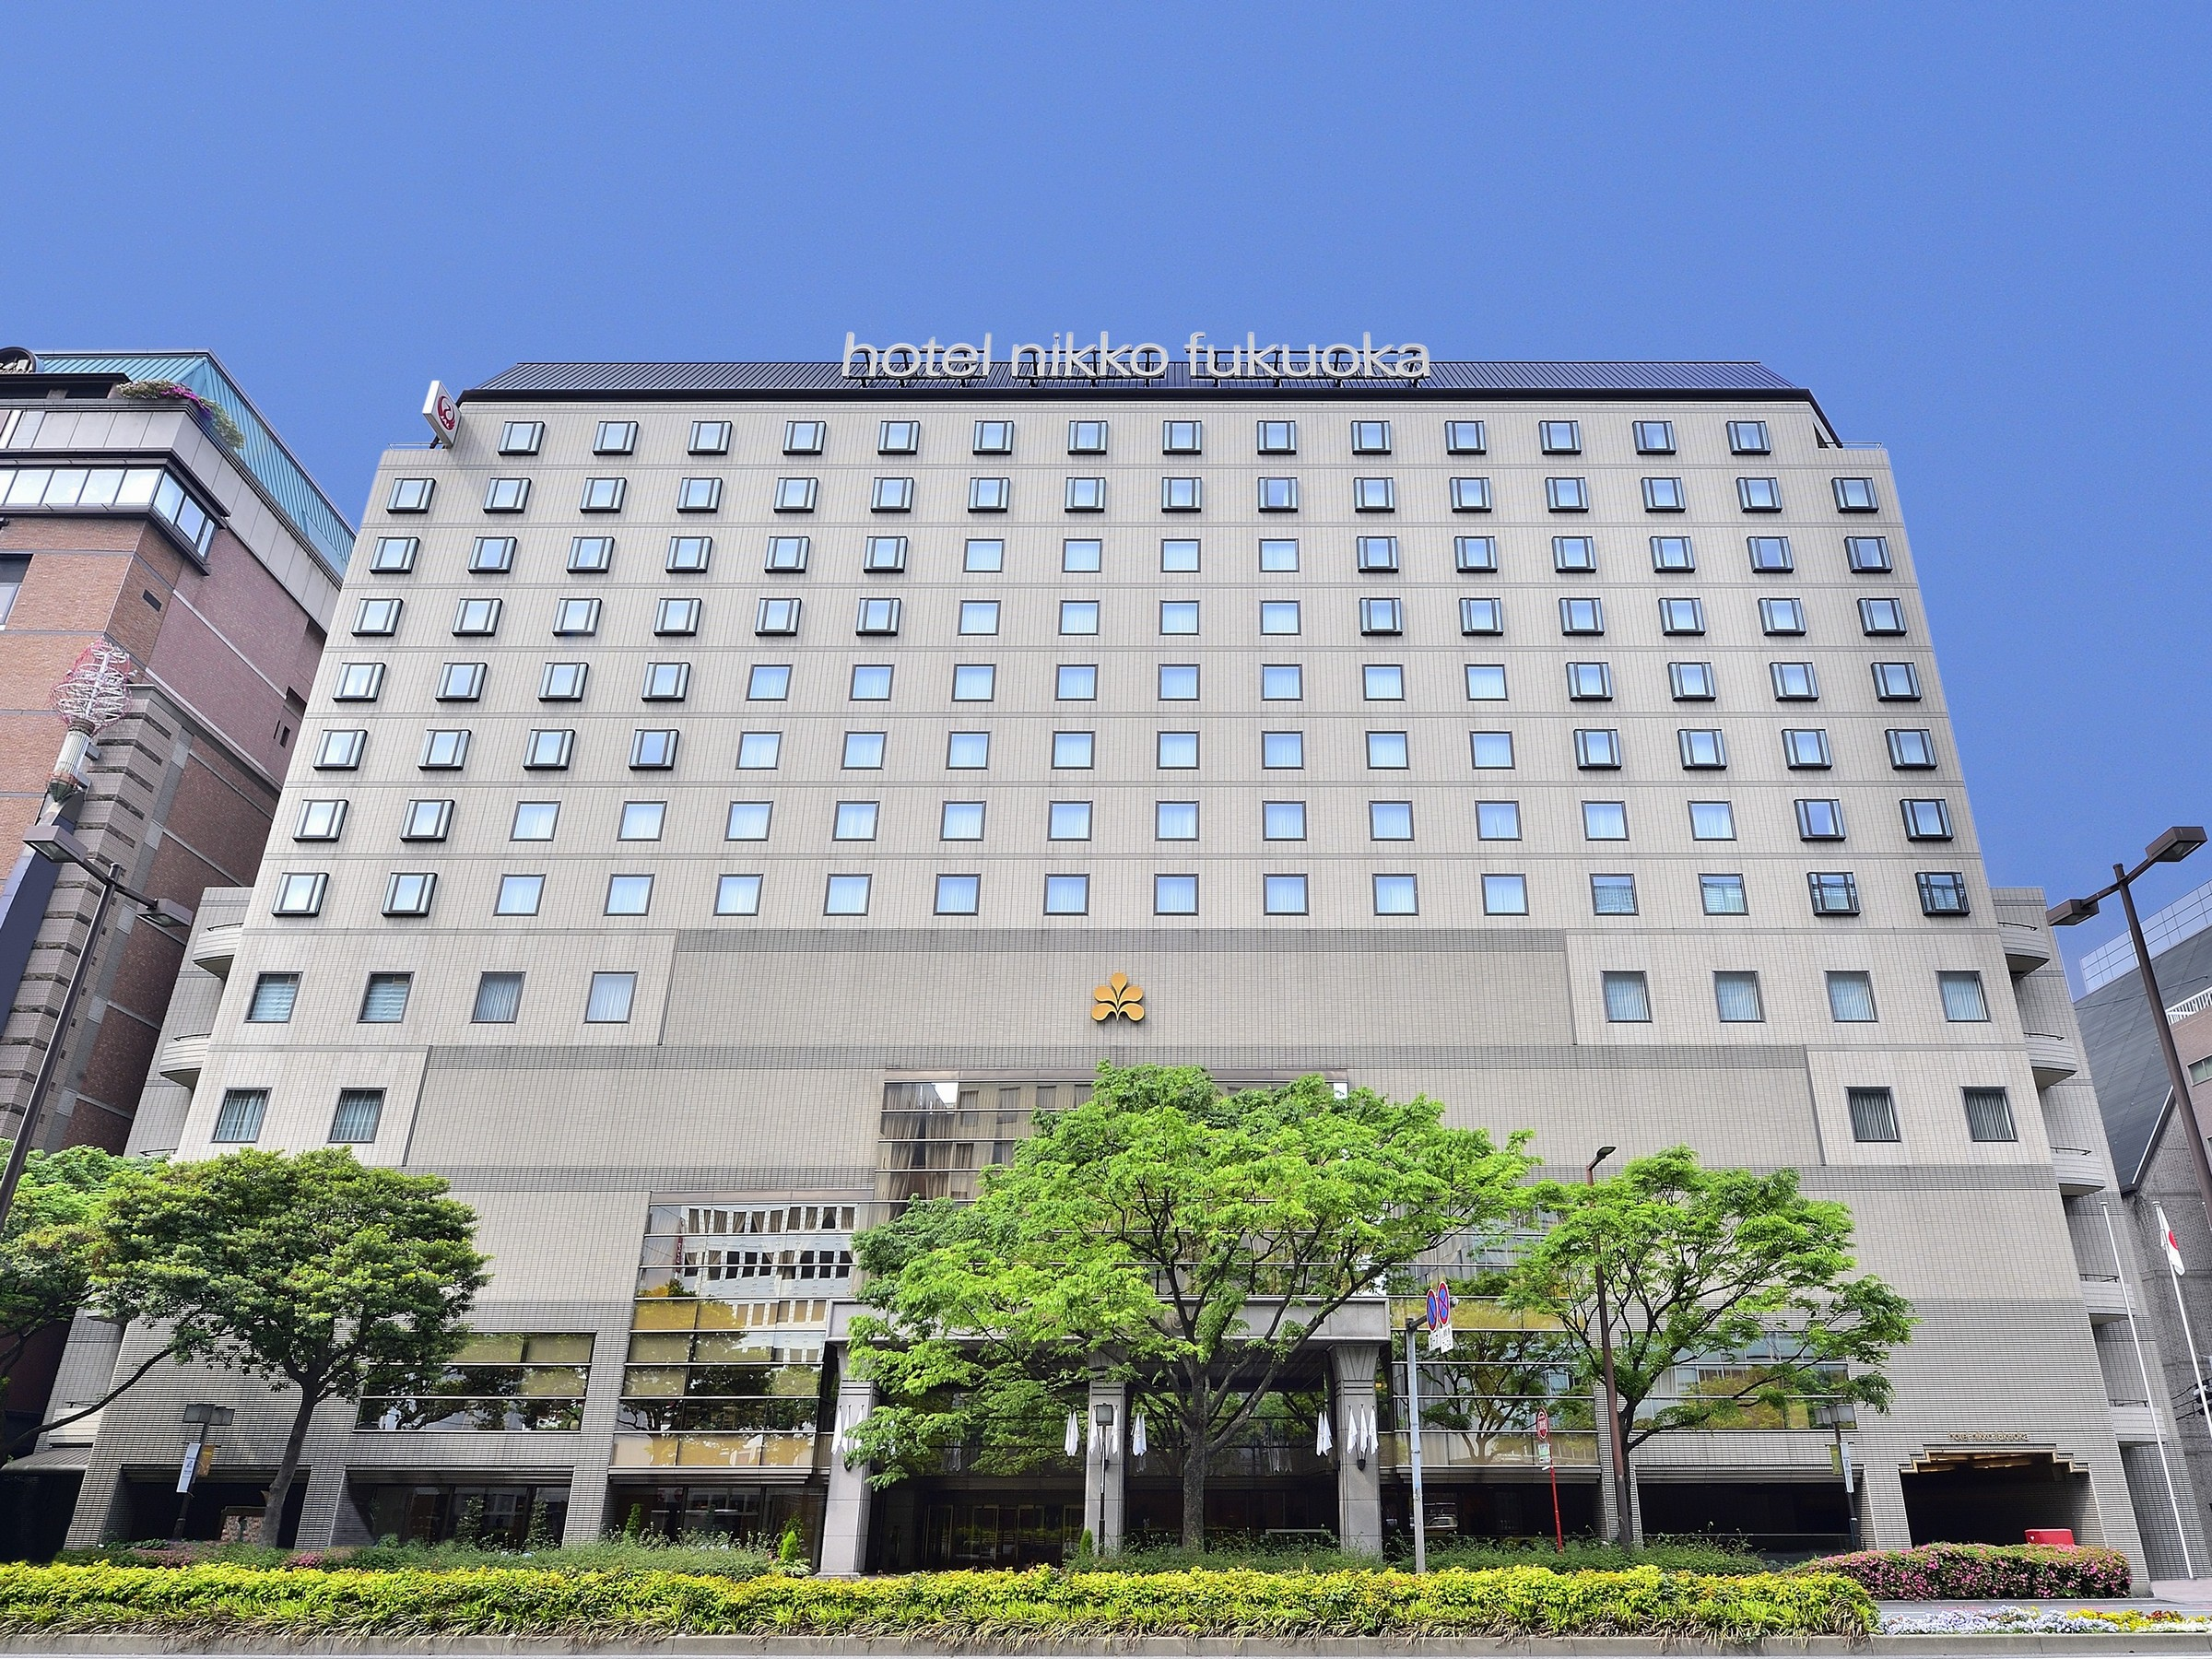 沖縄旅行・ツアー(航空券+ホテル)【楽天トラベル】ホテル日航福岡